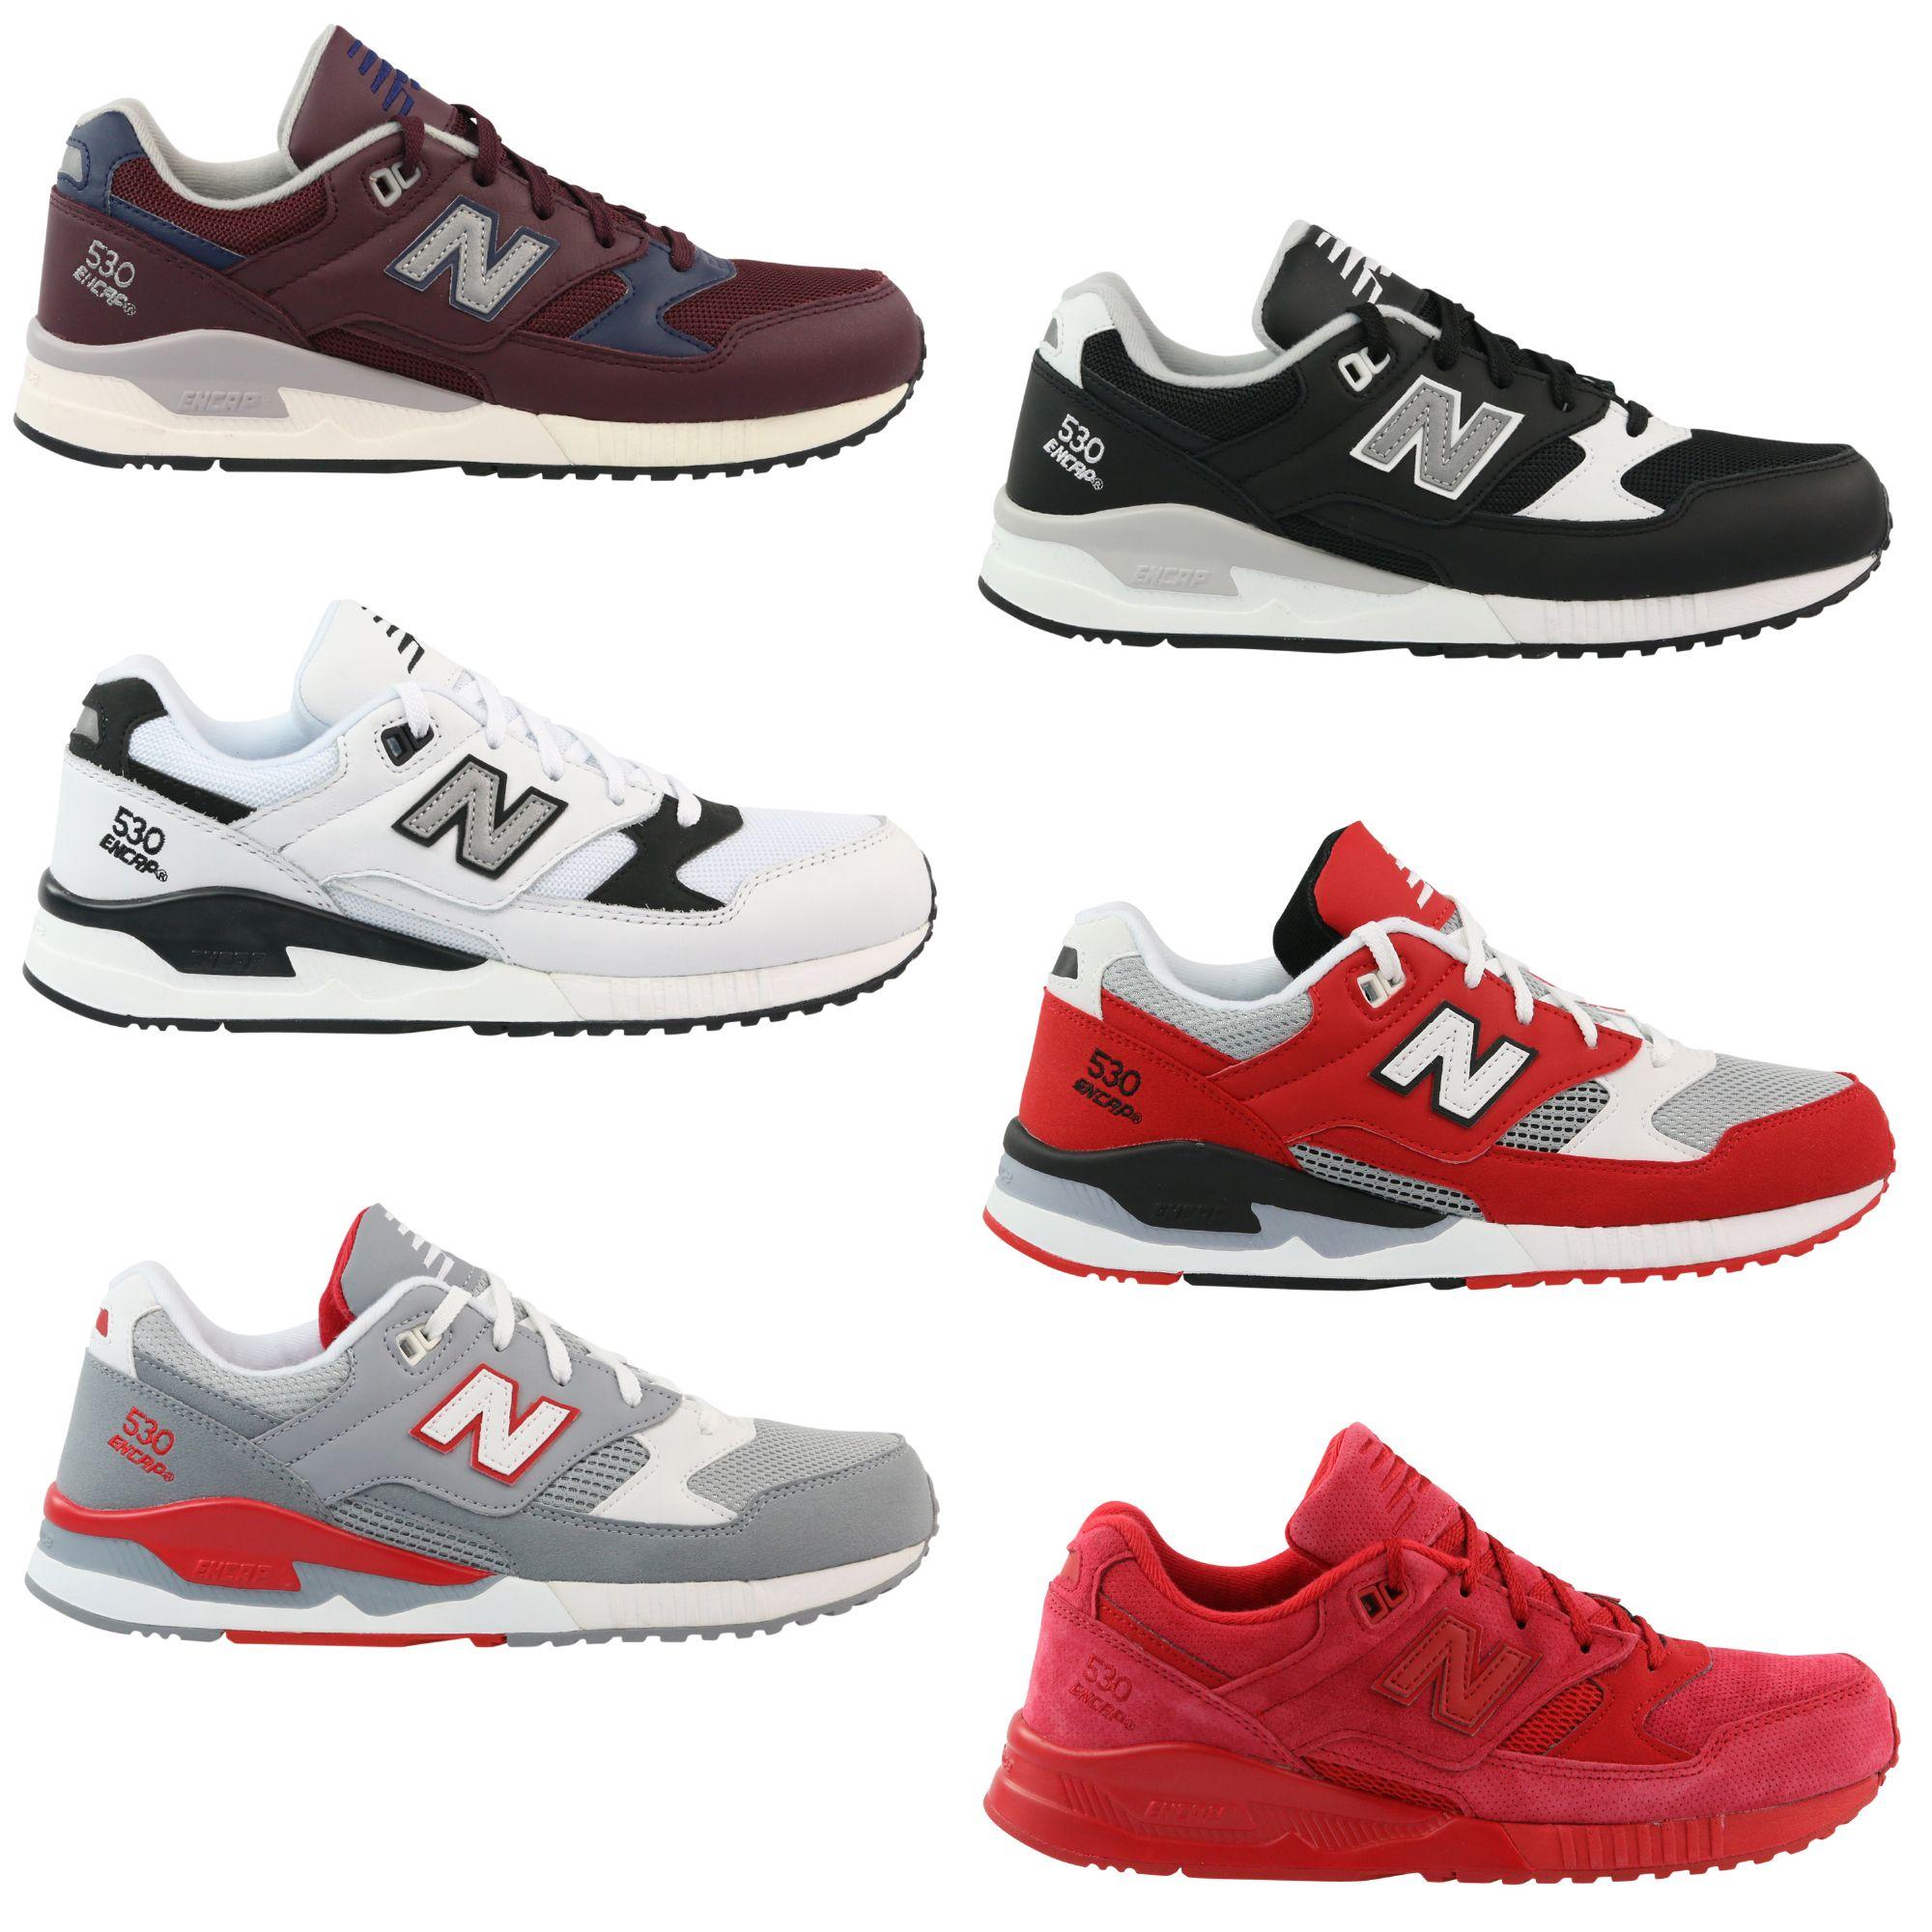 New Balance 530 New Balance Herren Sneaker aus Textil